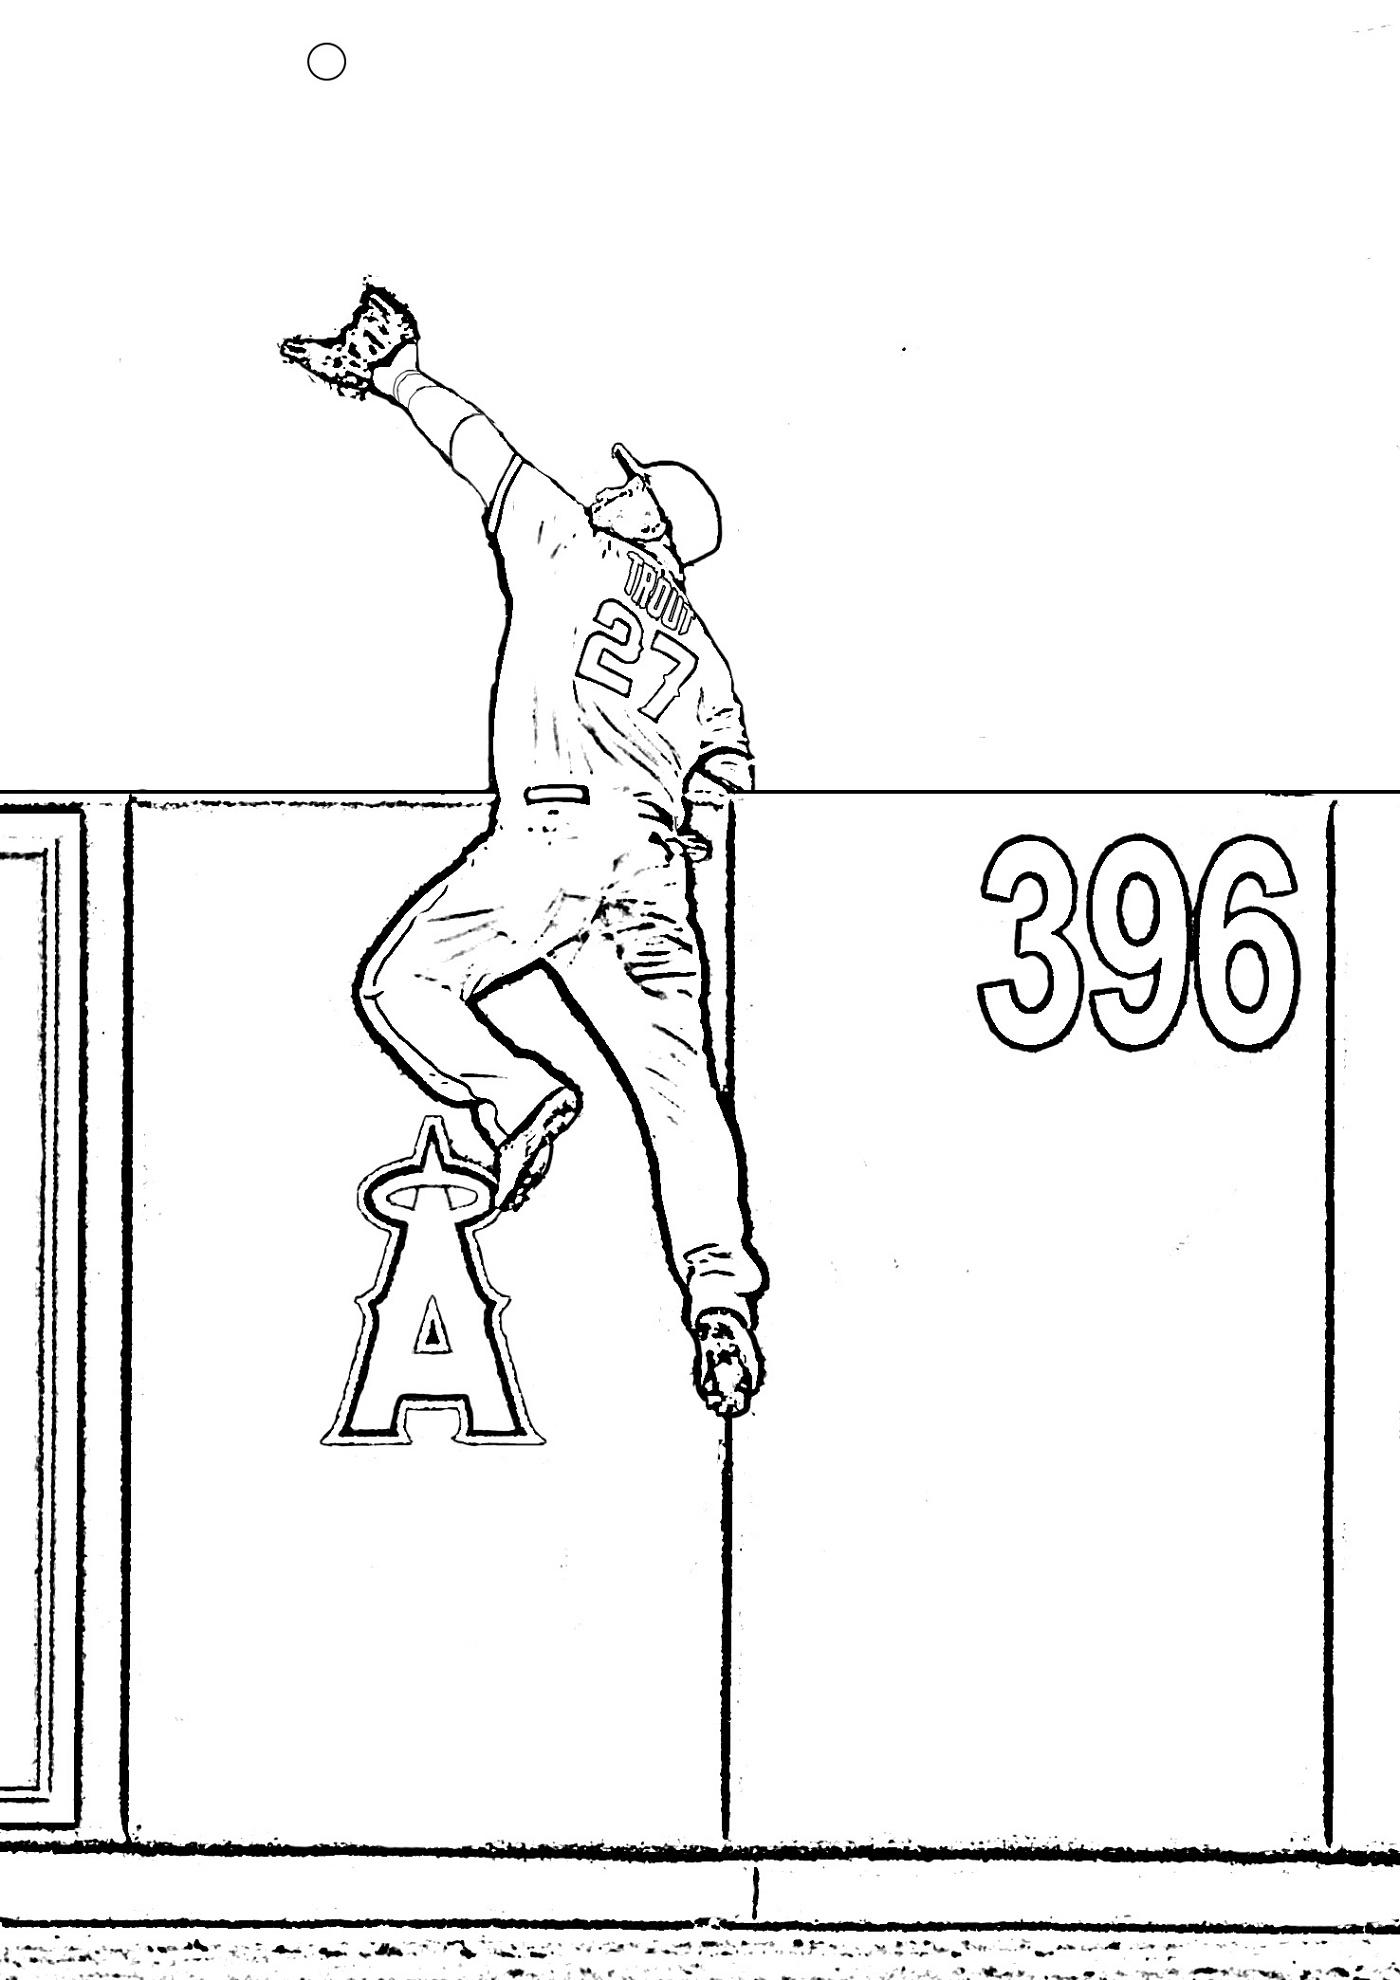 ackie-Robinson-Coloring-Page-Baseball